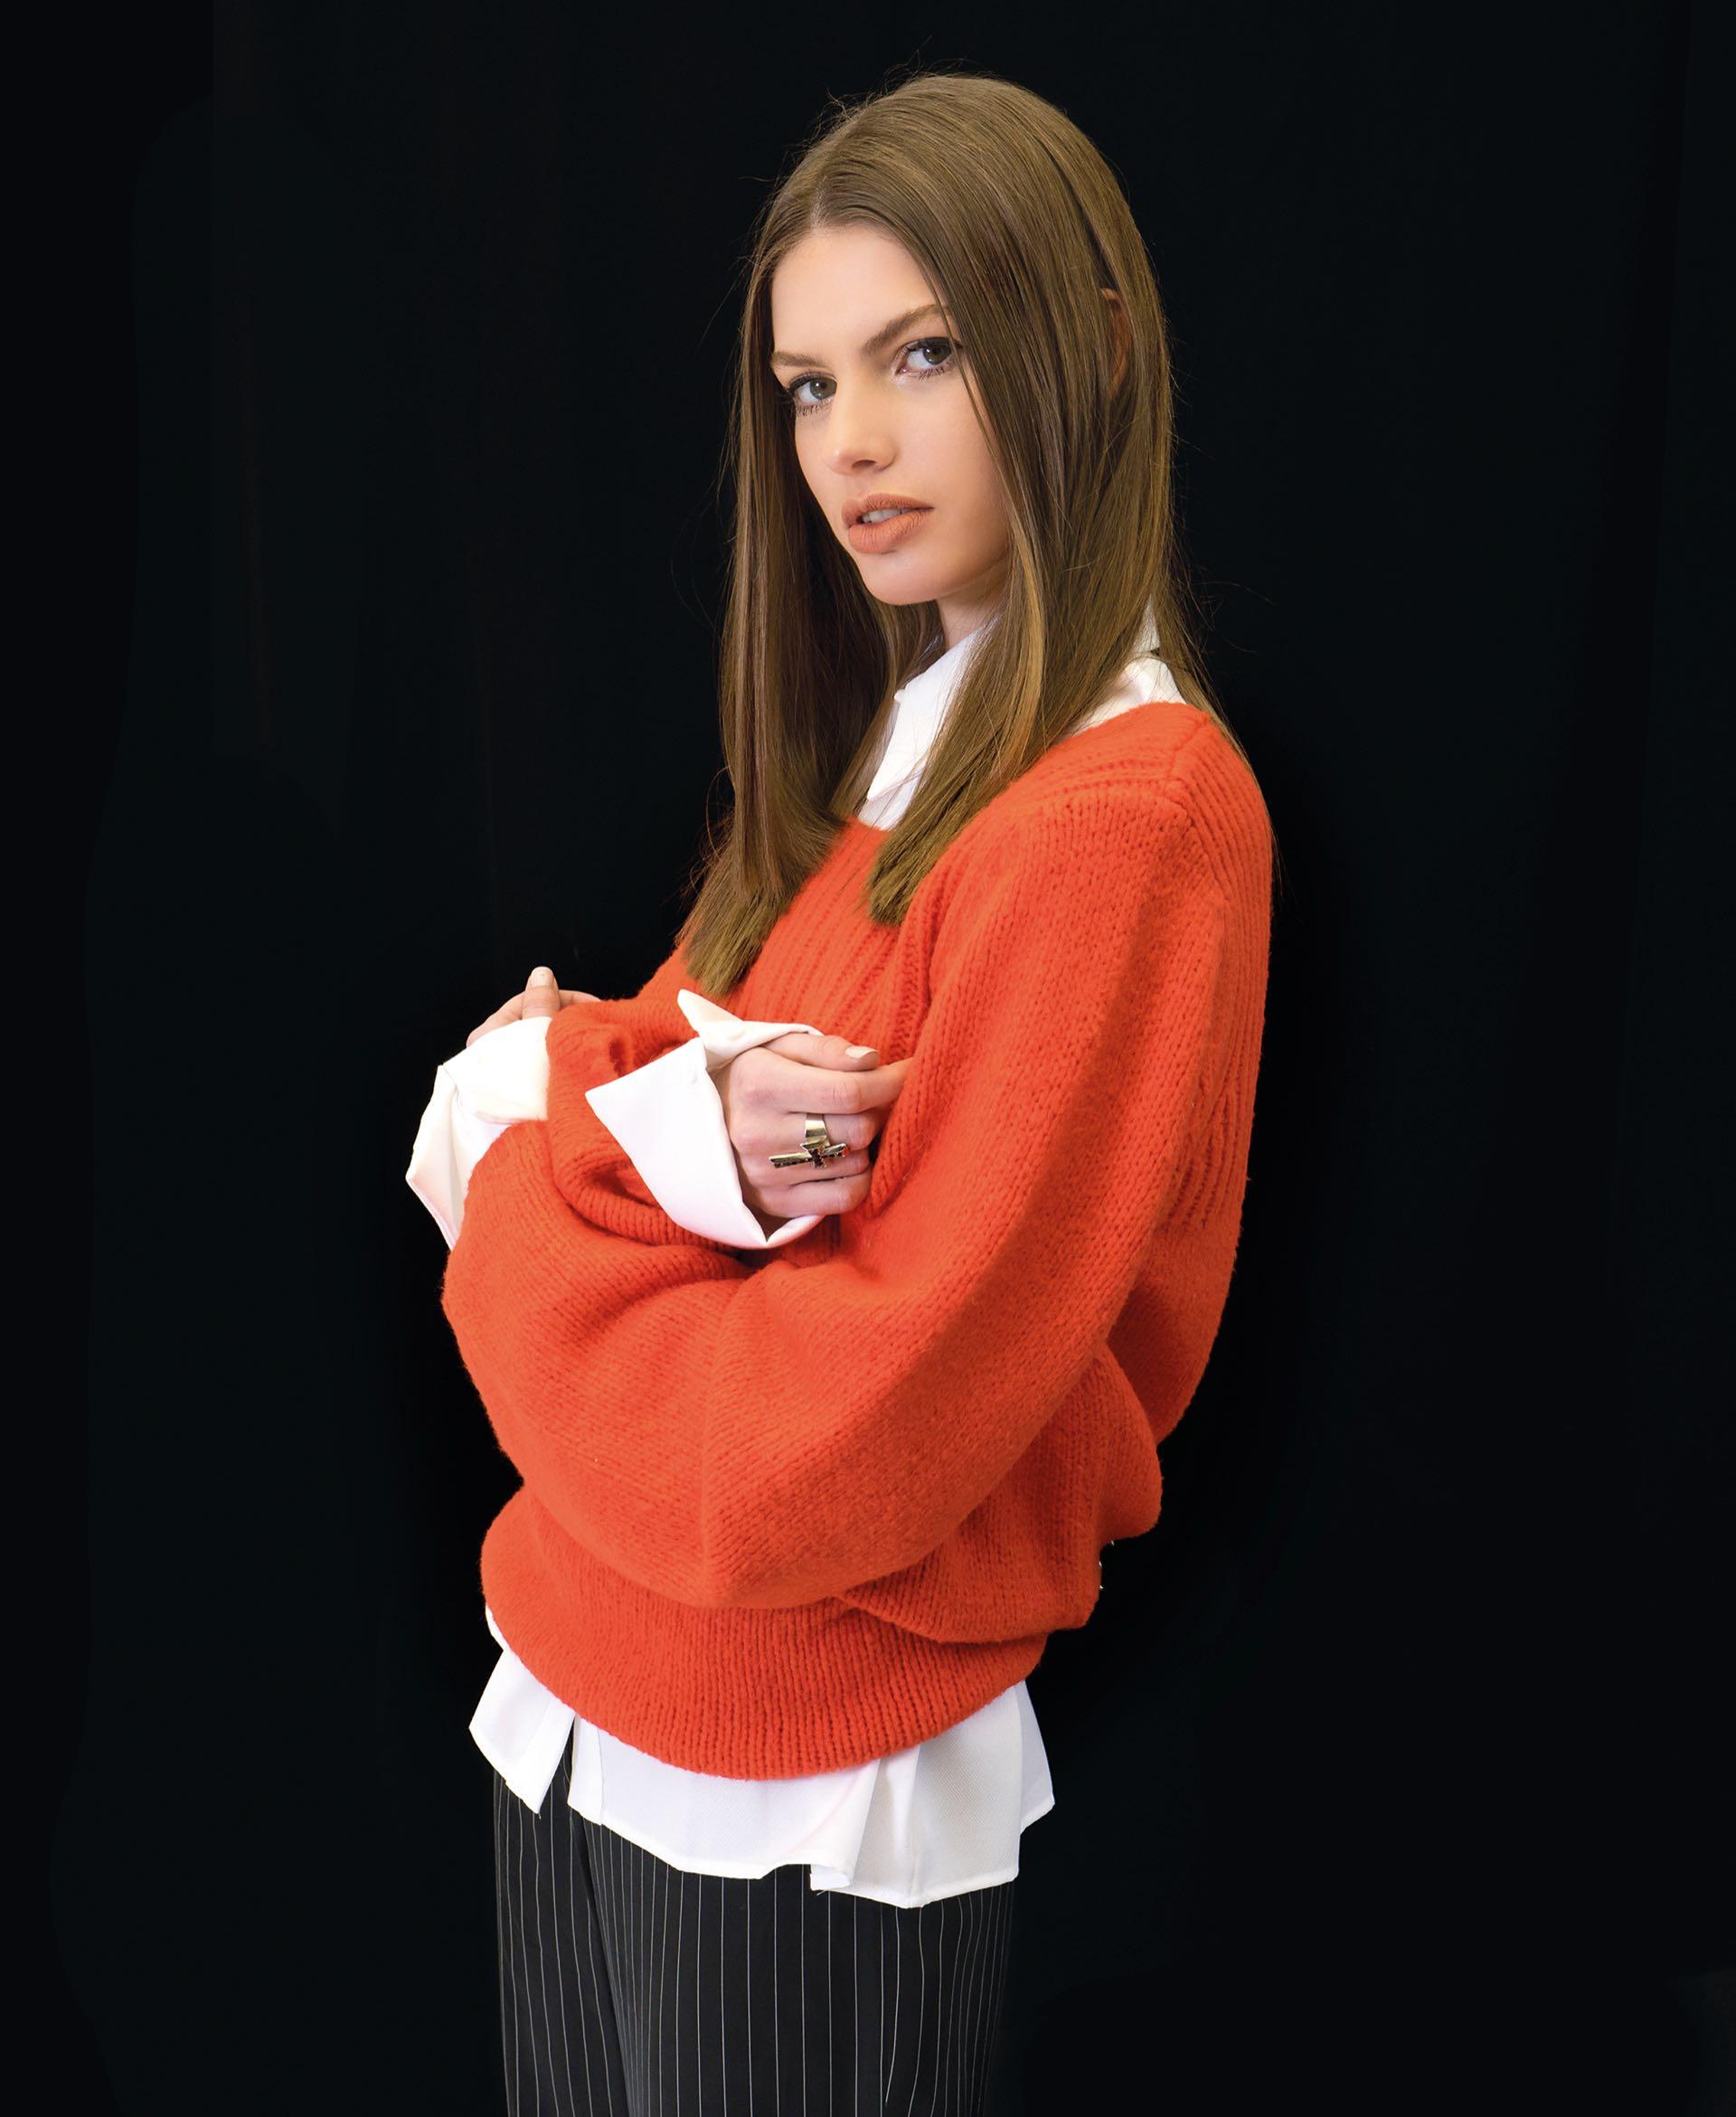 Suéter ($ 2.290, Wanama), camisa ($ 2.570, Trosman), pantalón a rayas ($ 1.398, Ayres) y anillo cruz (Cachetona Accesorios). (Fotos: Juan Jauregui/ Para Ti)